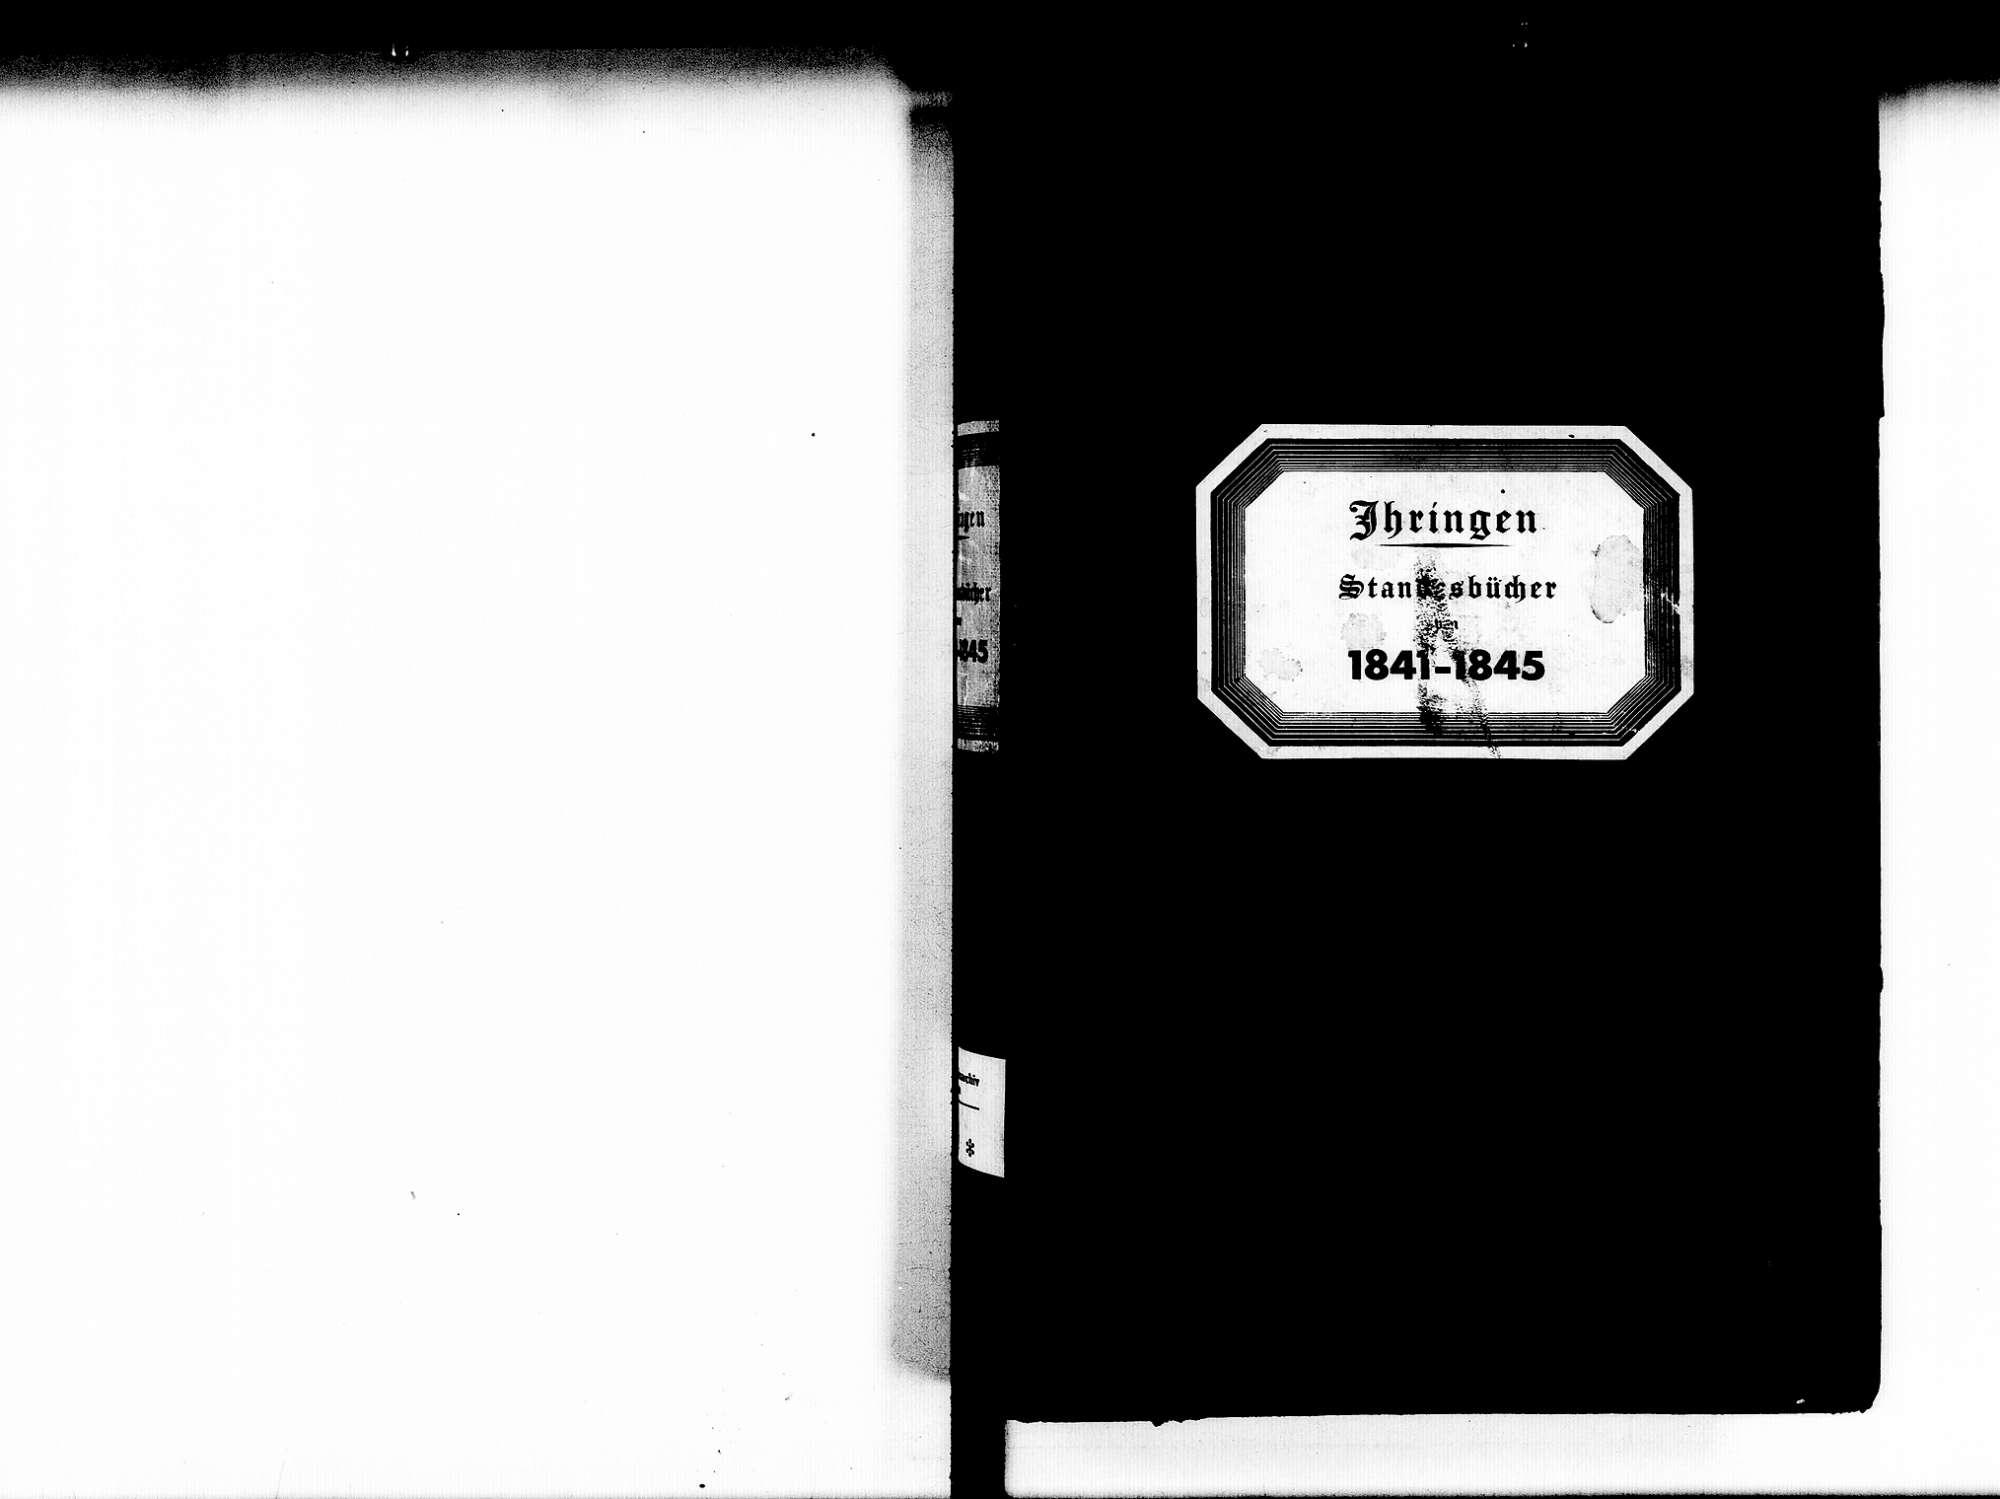 Ihringen FR; Evangelische Gemeinde: Standesbuch 1841-1845 Ihringen FR; Israelitische Gemeinde: Standesbuch 1841-1845, Bild 2